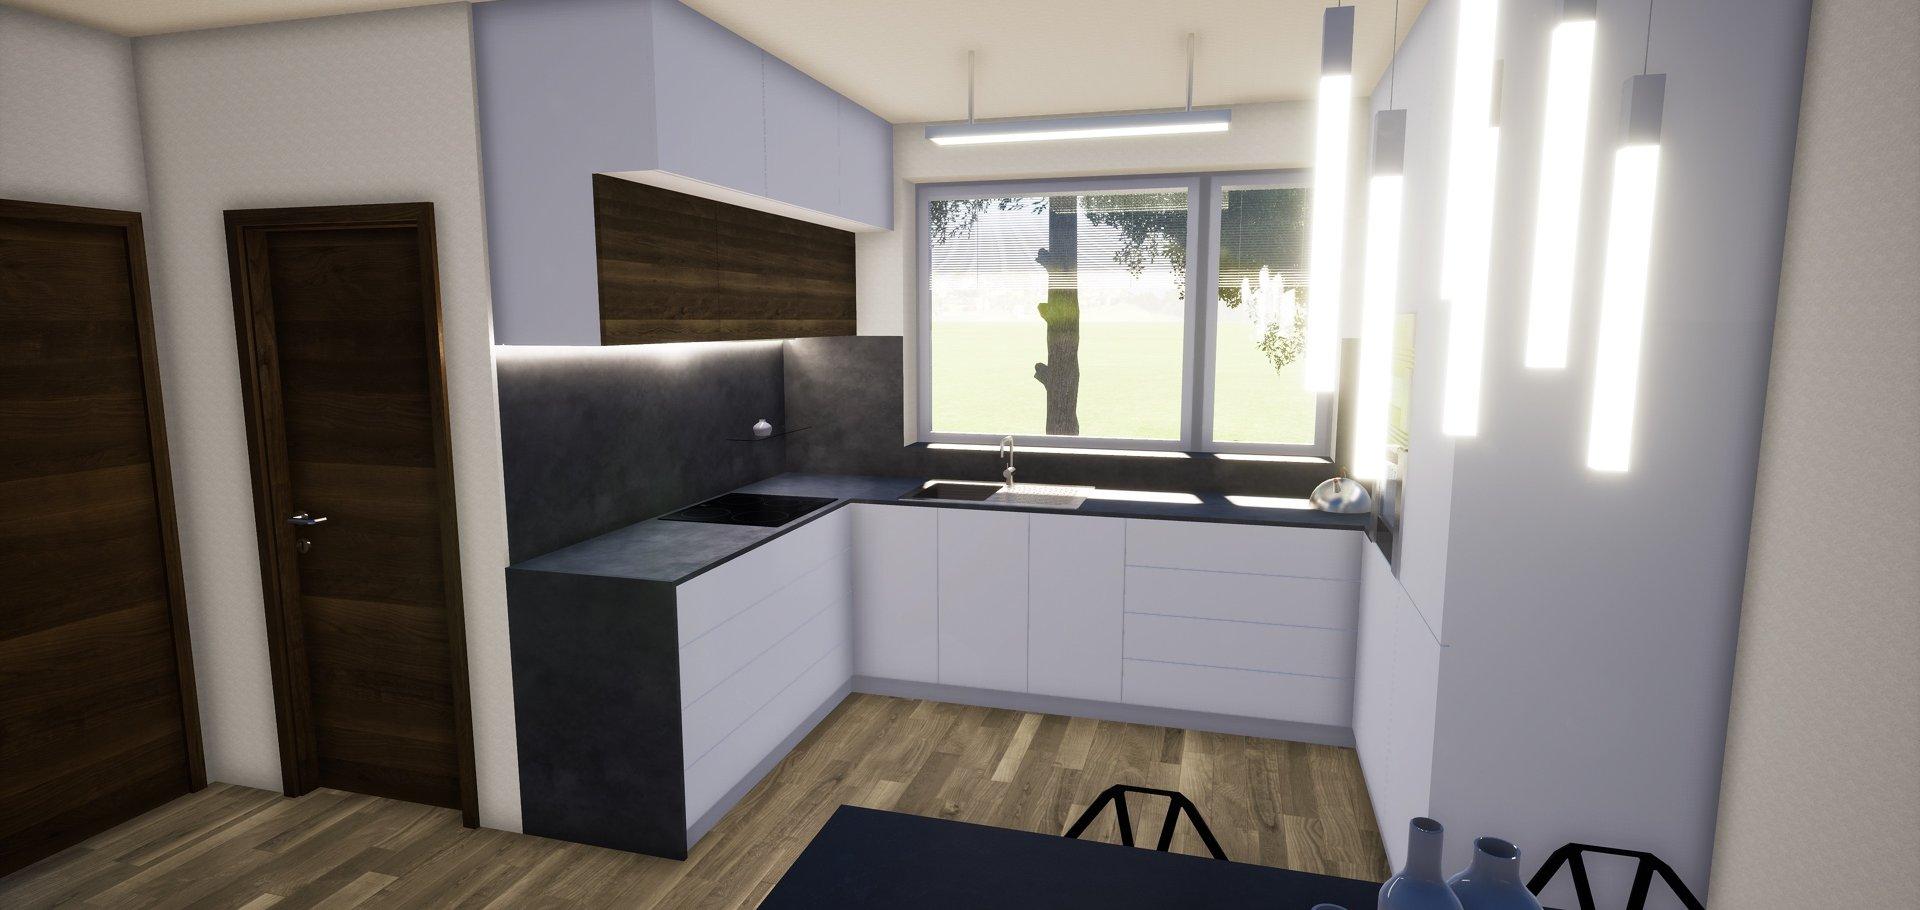 Novostavba rodinného domu 5+kk, 125m2, pozemek 614m2, Velký Dvůr u Pohořelic